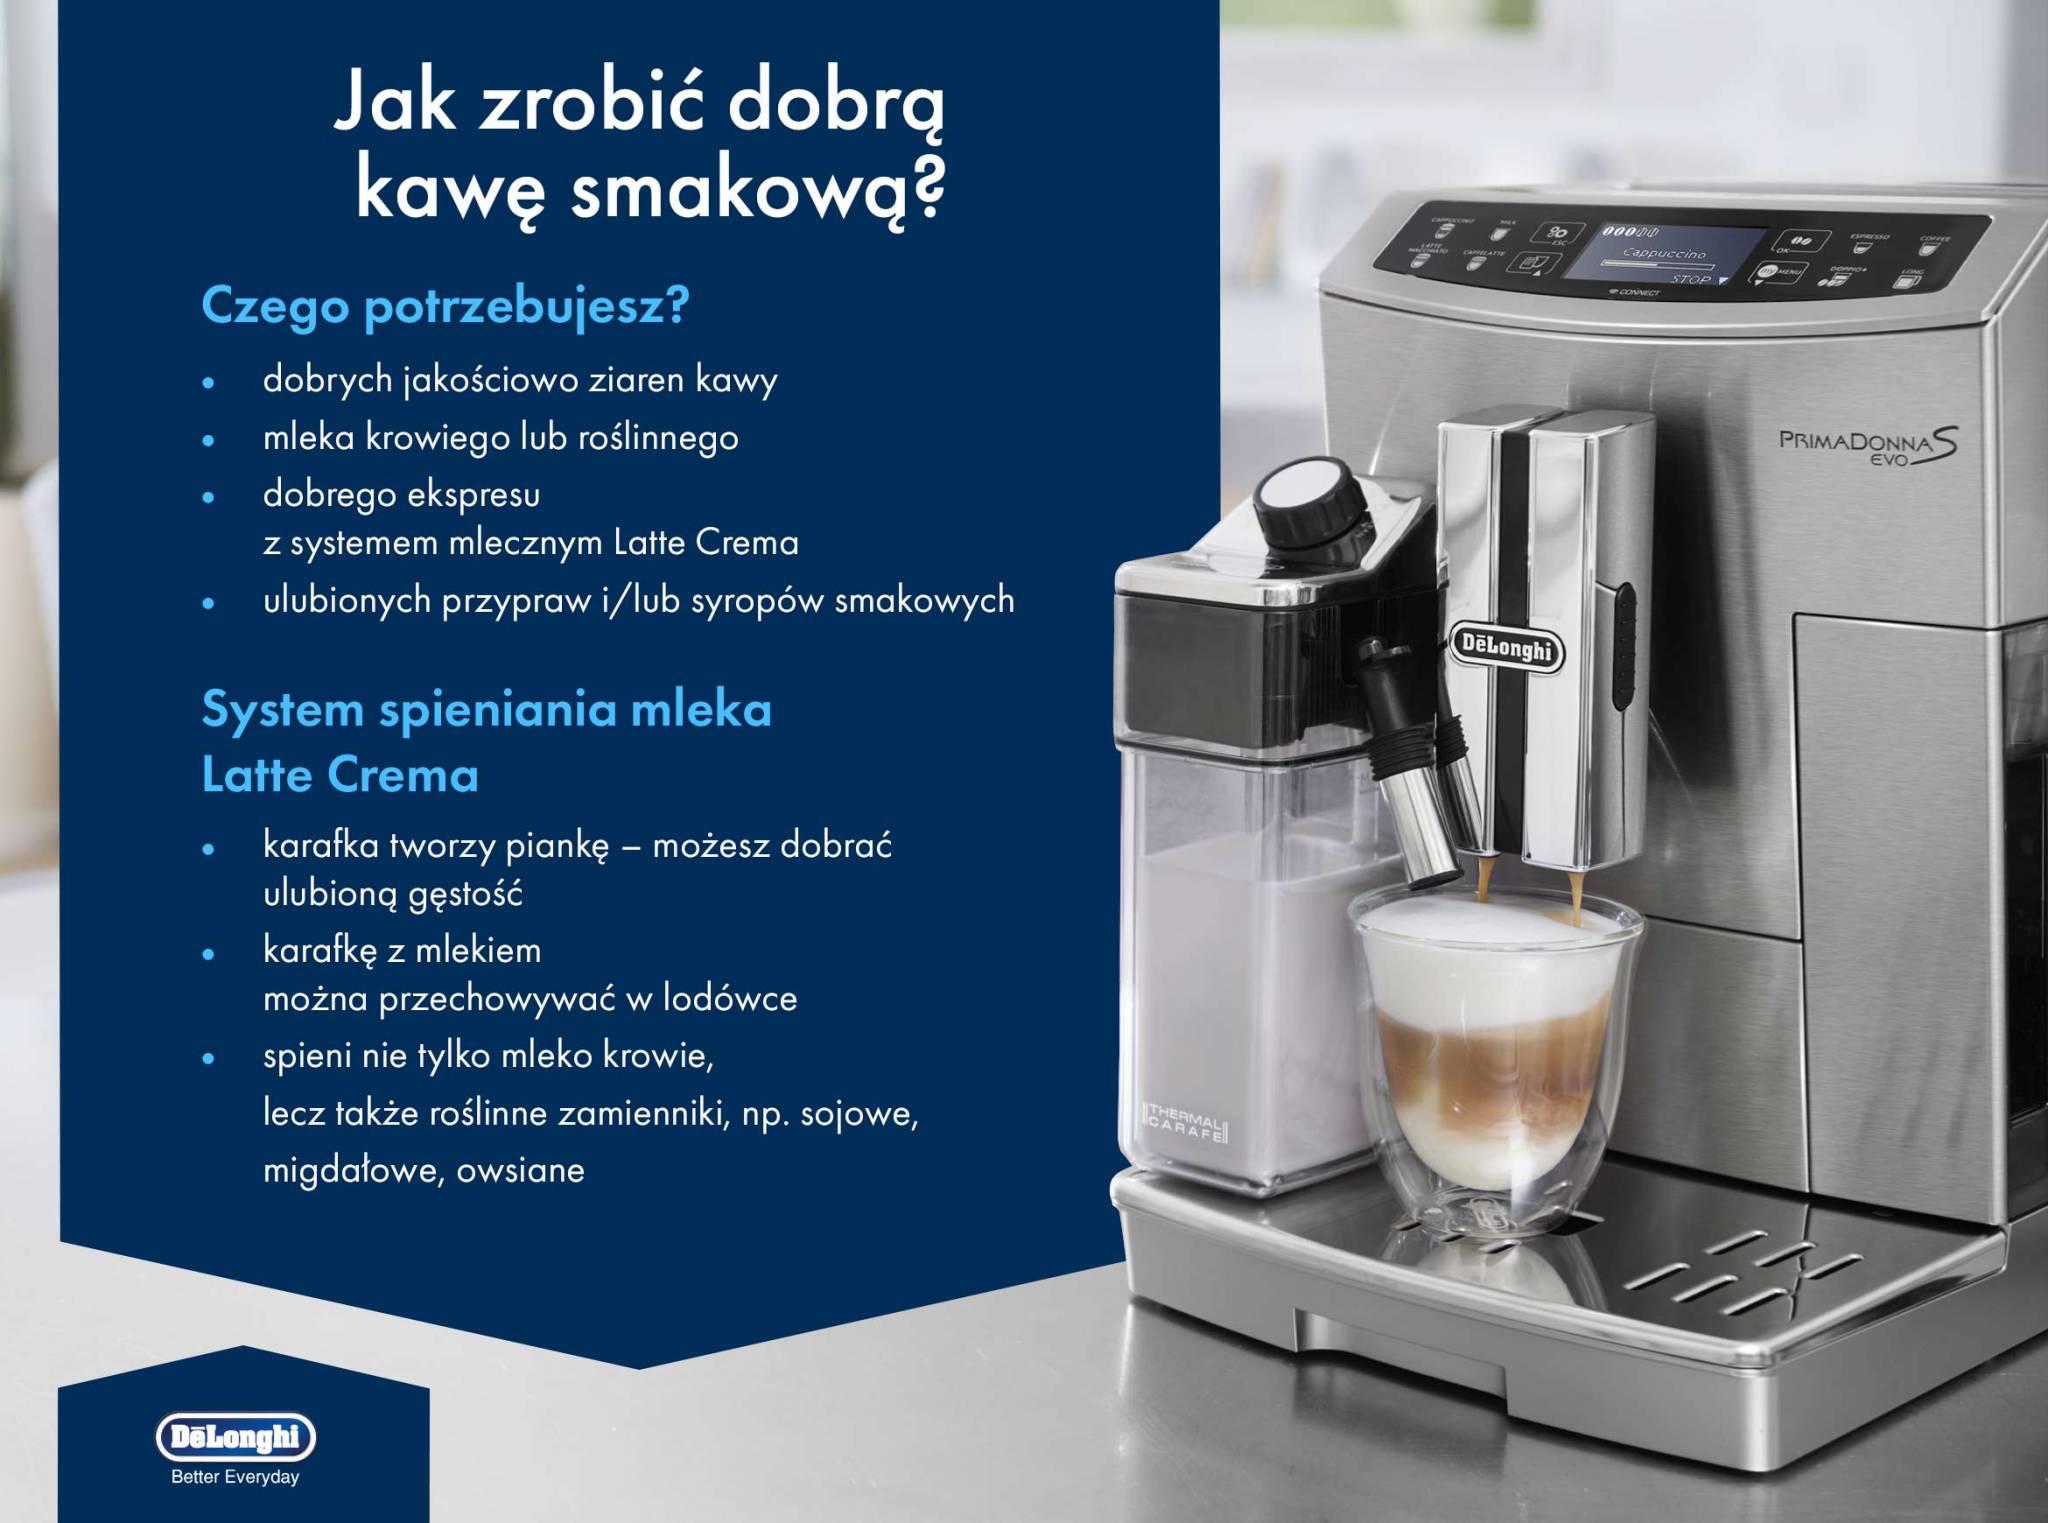 Jak zrobić dobrą kawę smakową?